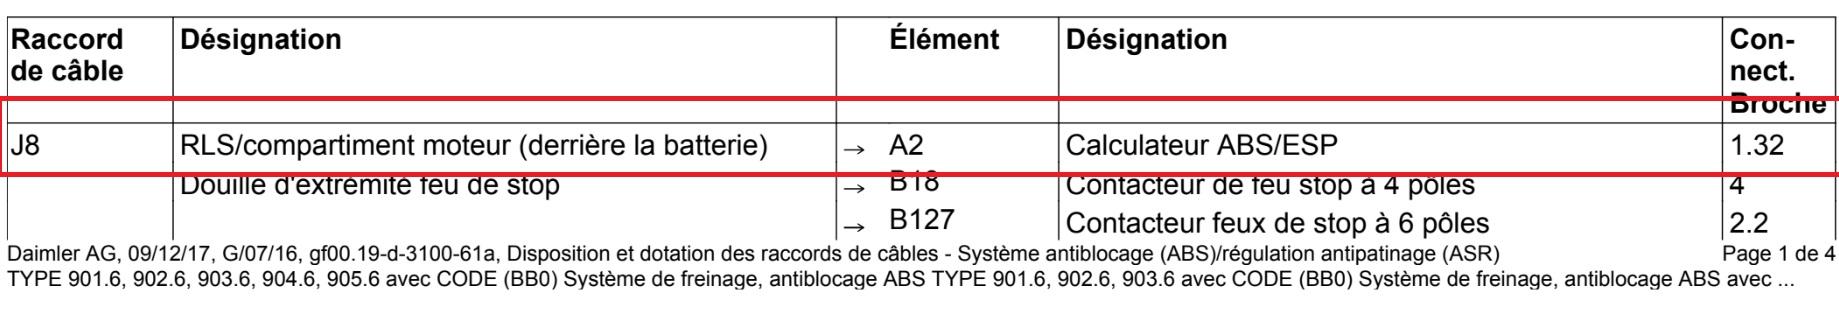 schema-electrique-wdb-ABS-4-9036621R331262.jpg